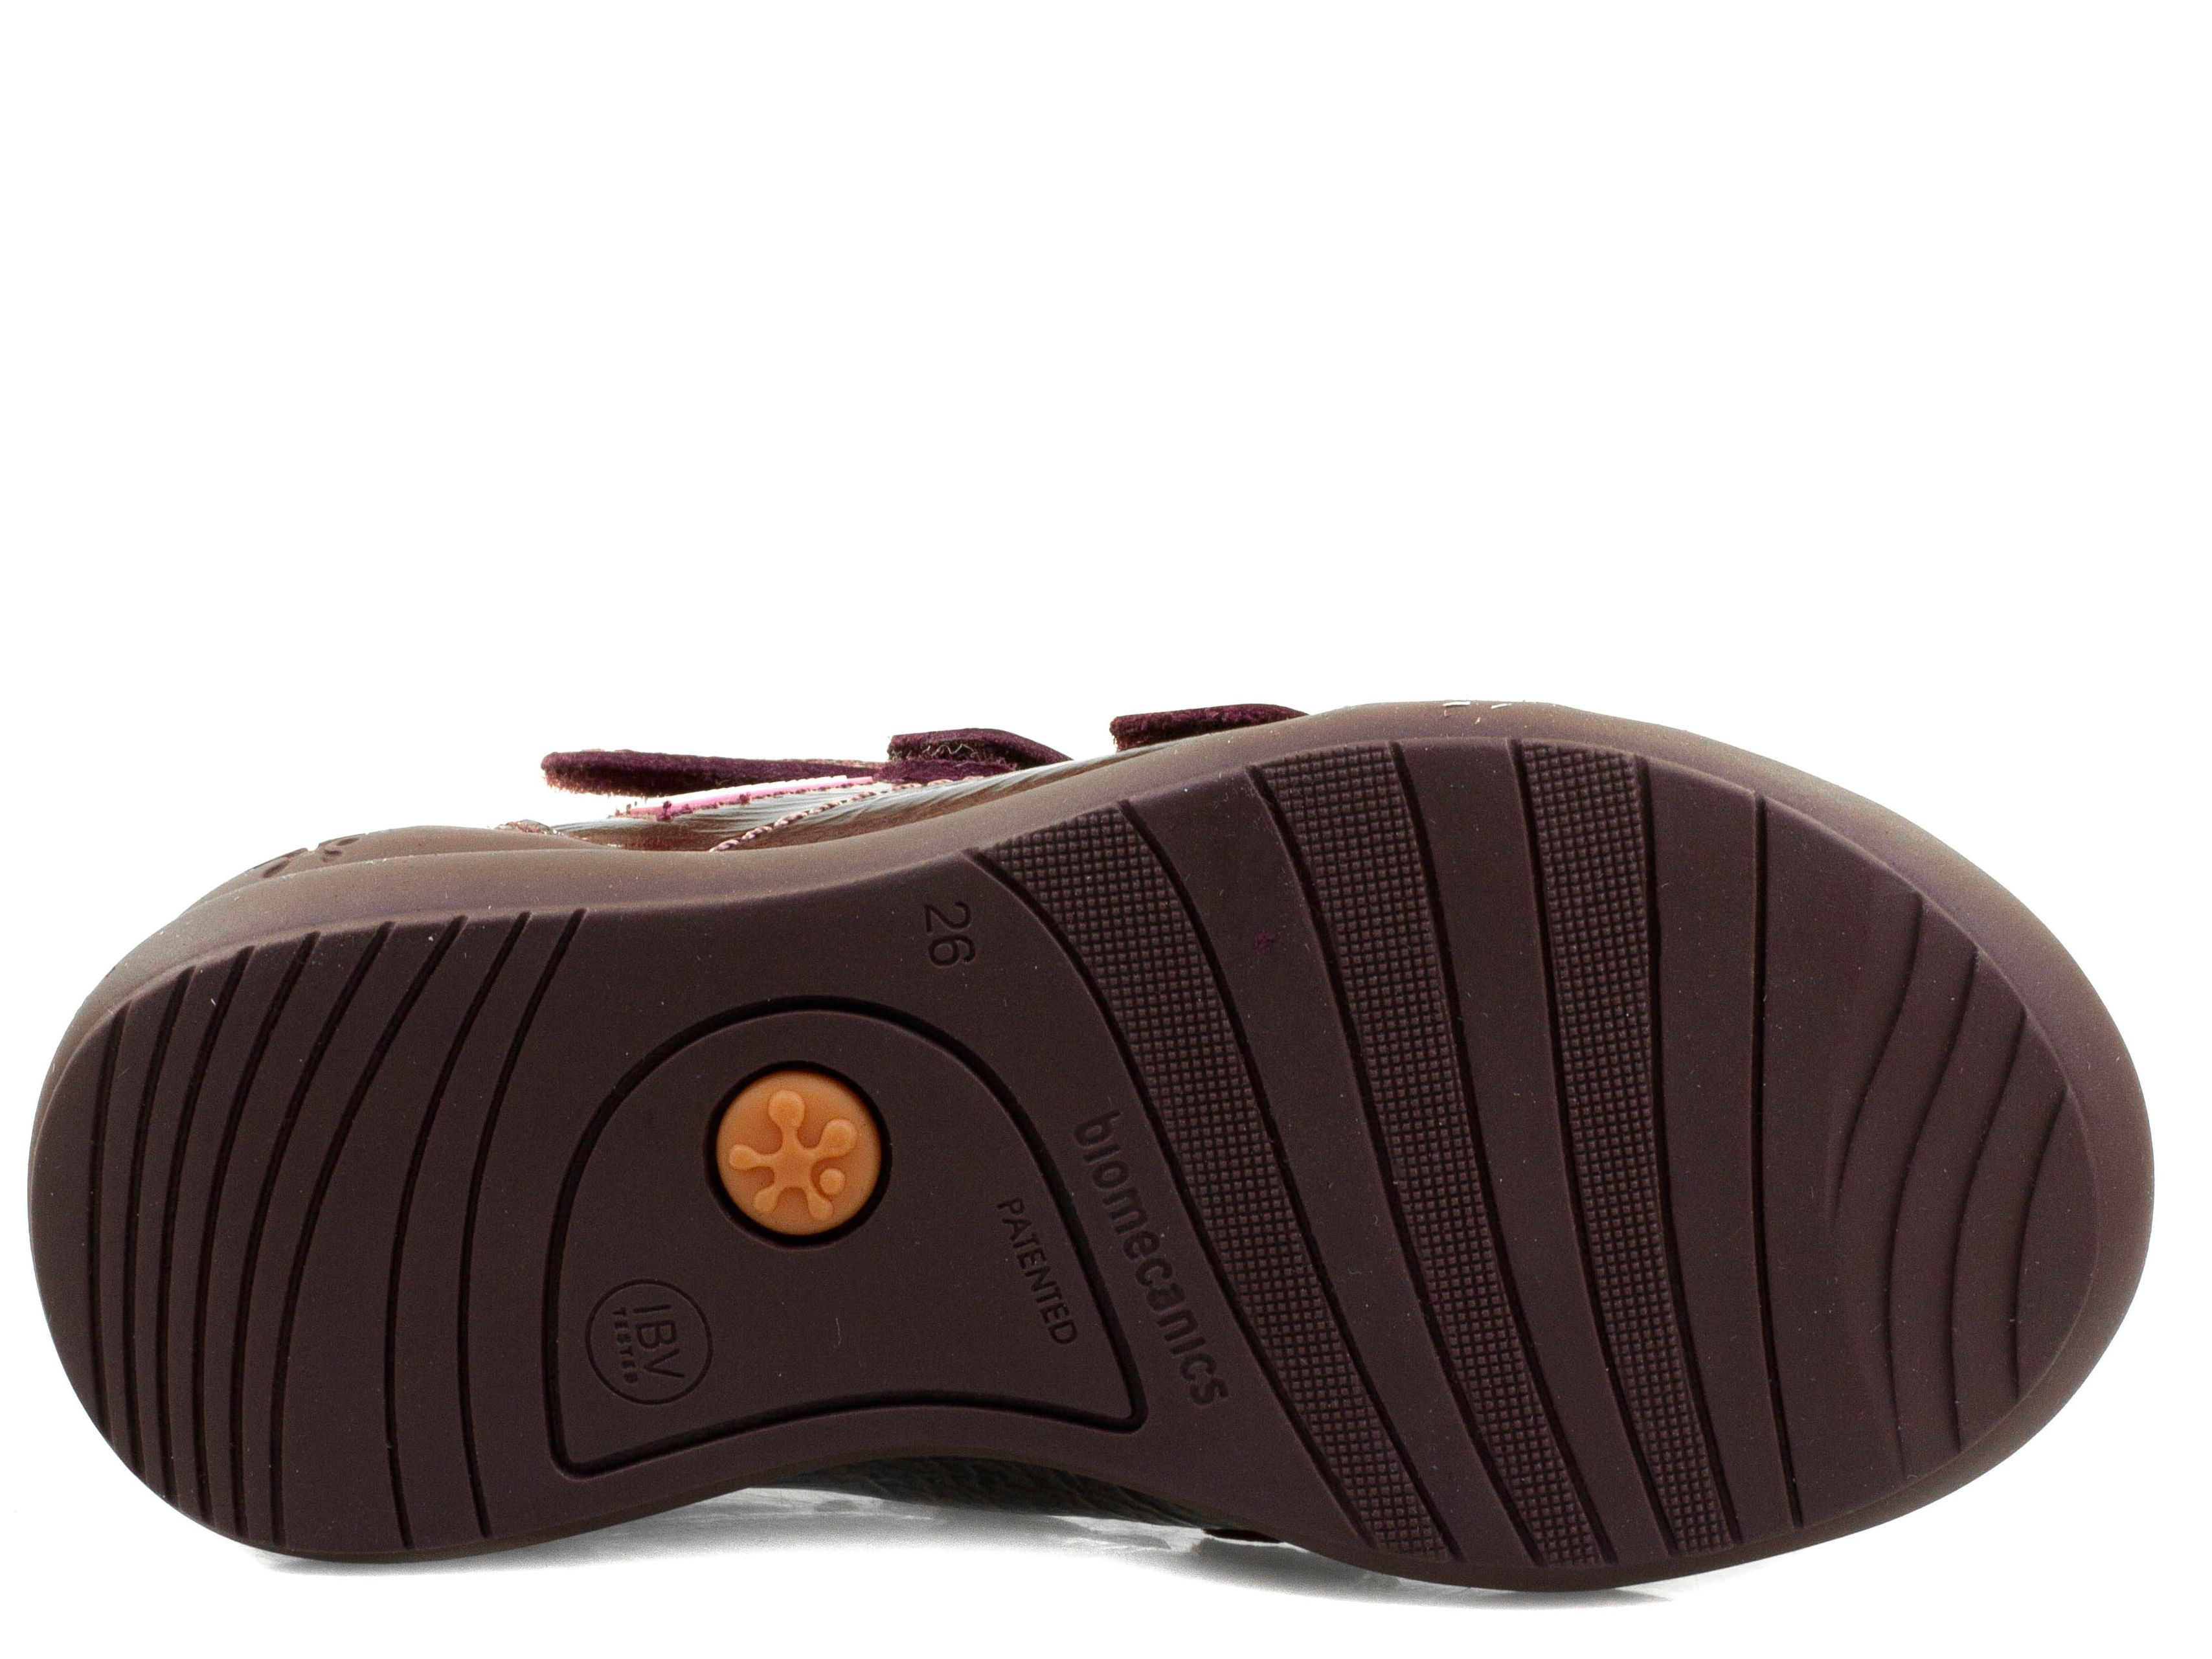 Ботинки для детей Biomecanics YX97 цена, 2017